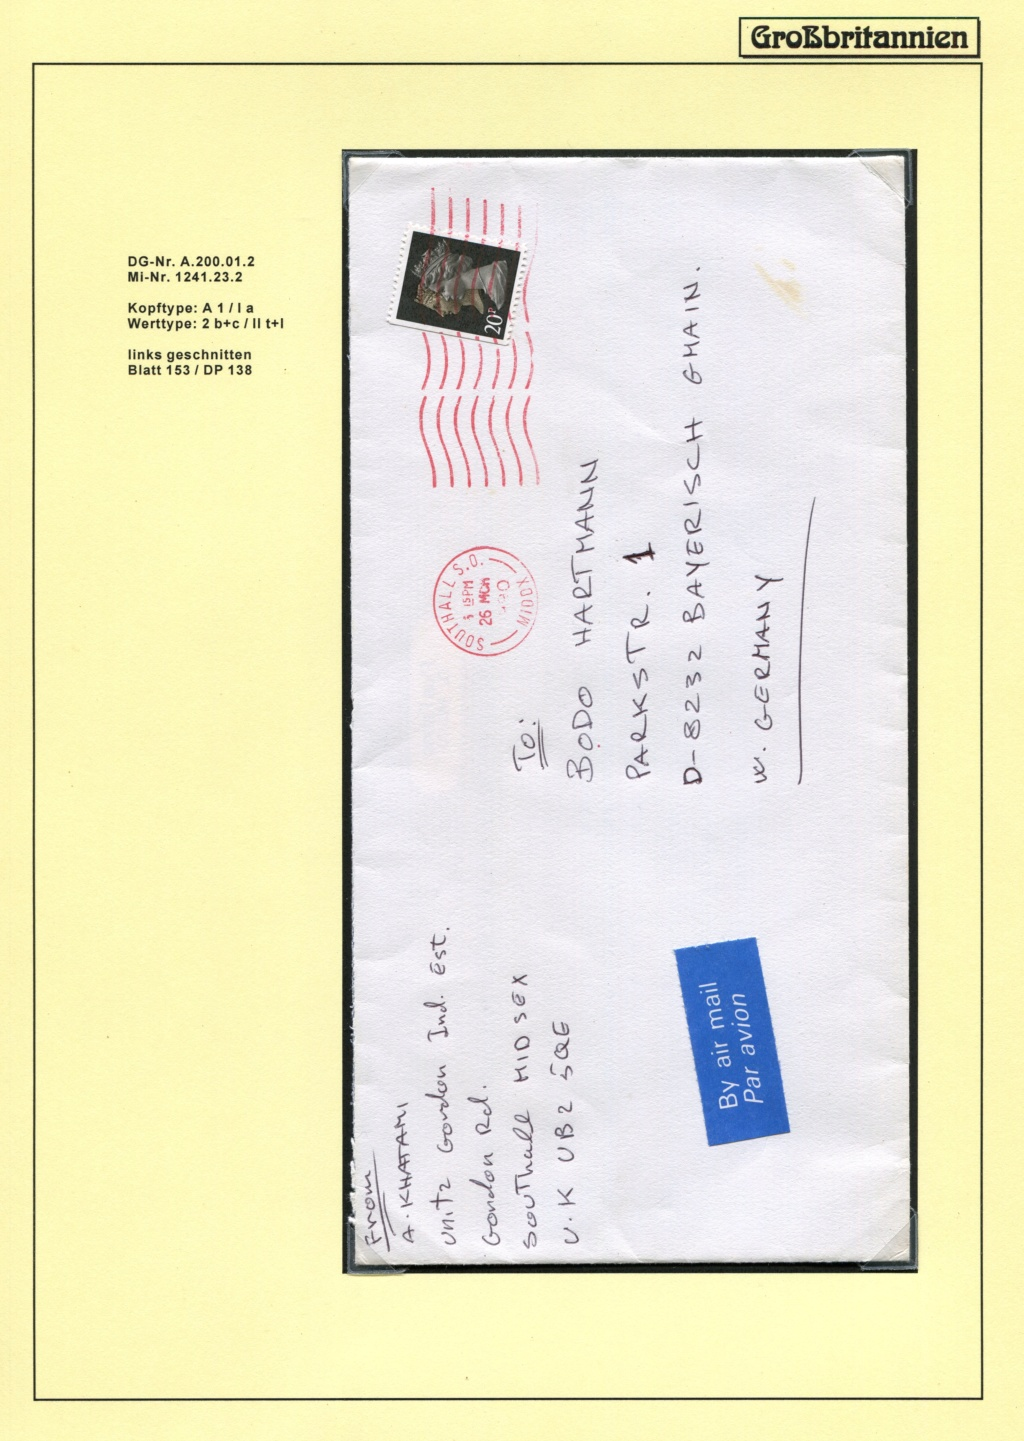 Großbritannien - 150 Jahre Briefmarken Black_29